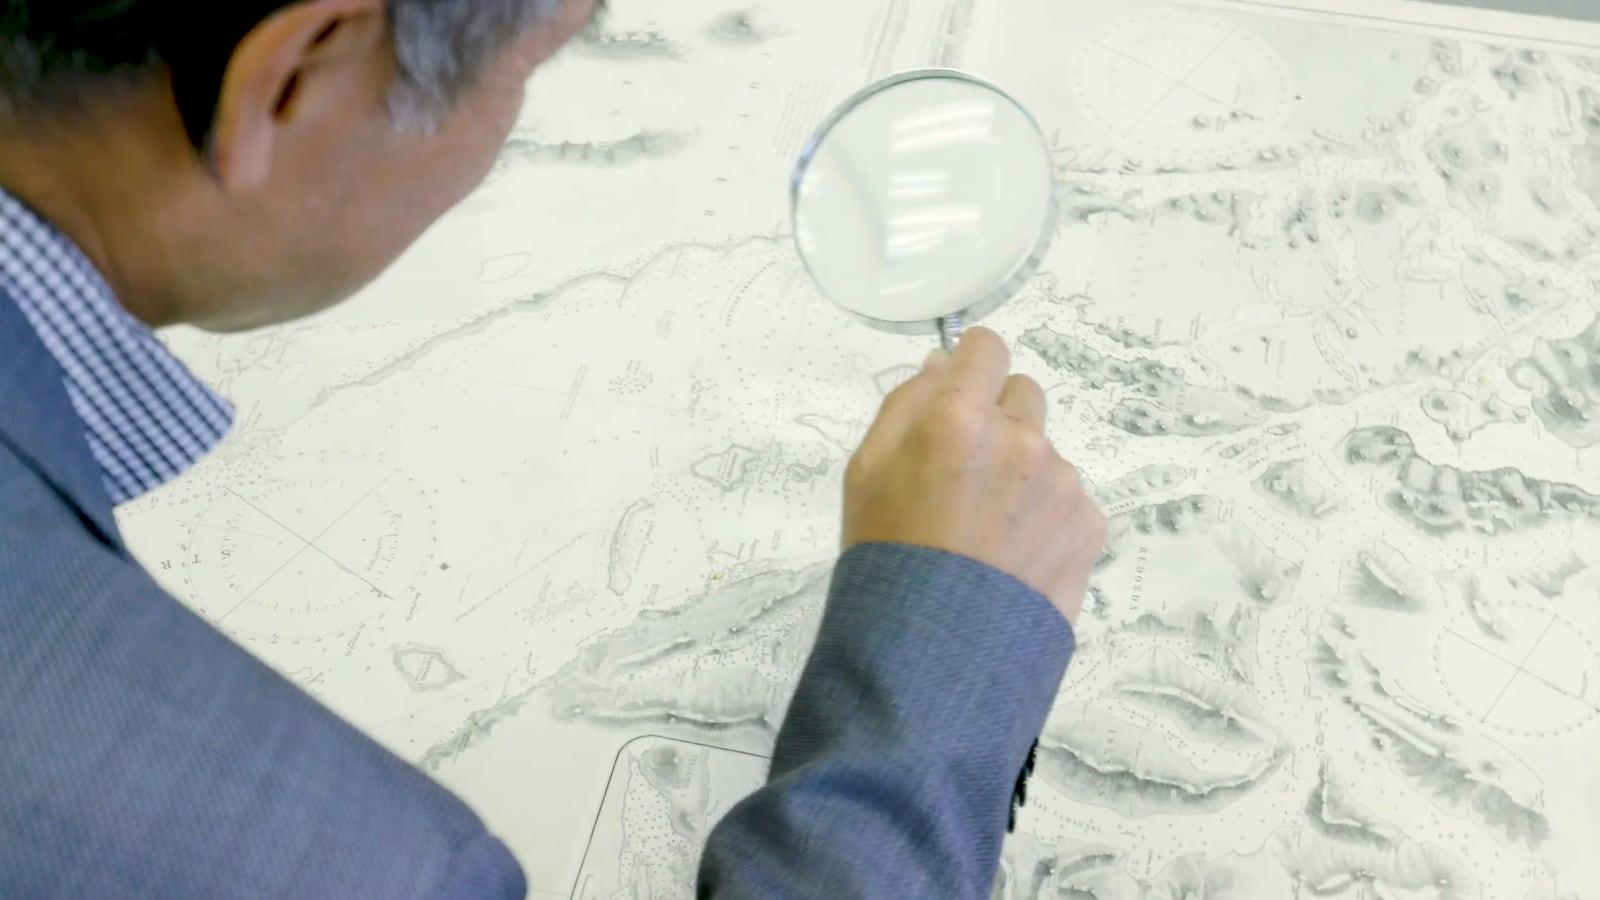 Un homme lit une carte topographique à l'aide d'une loupe.